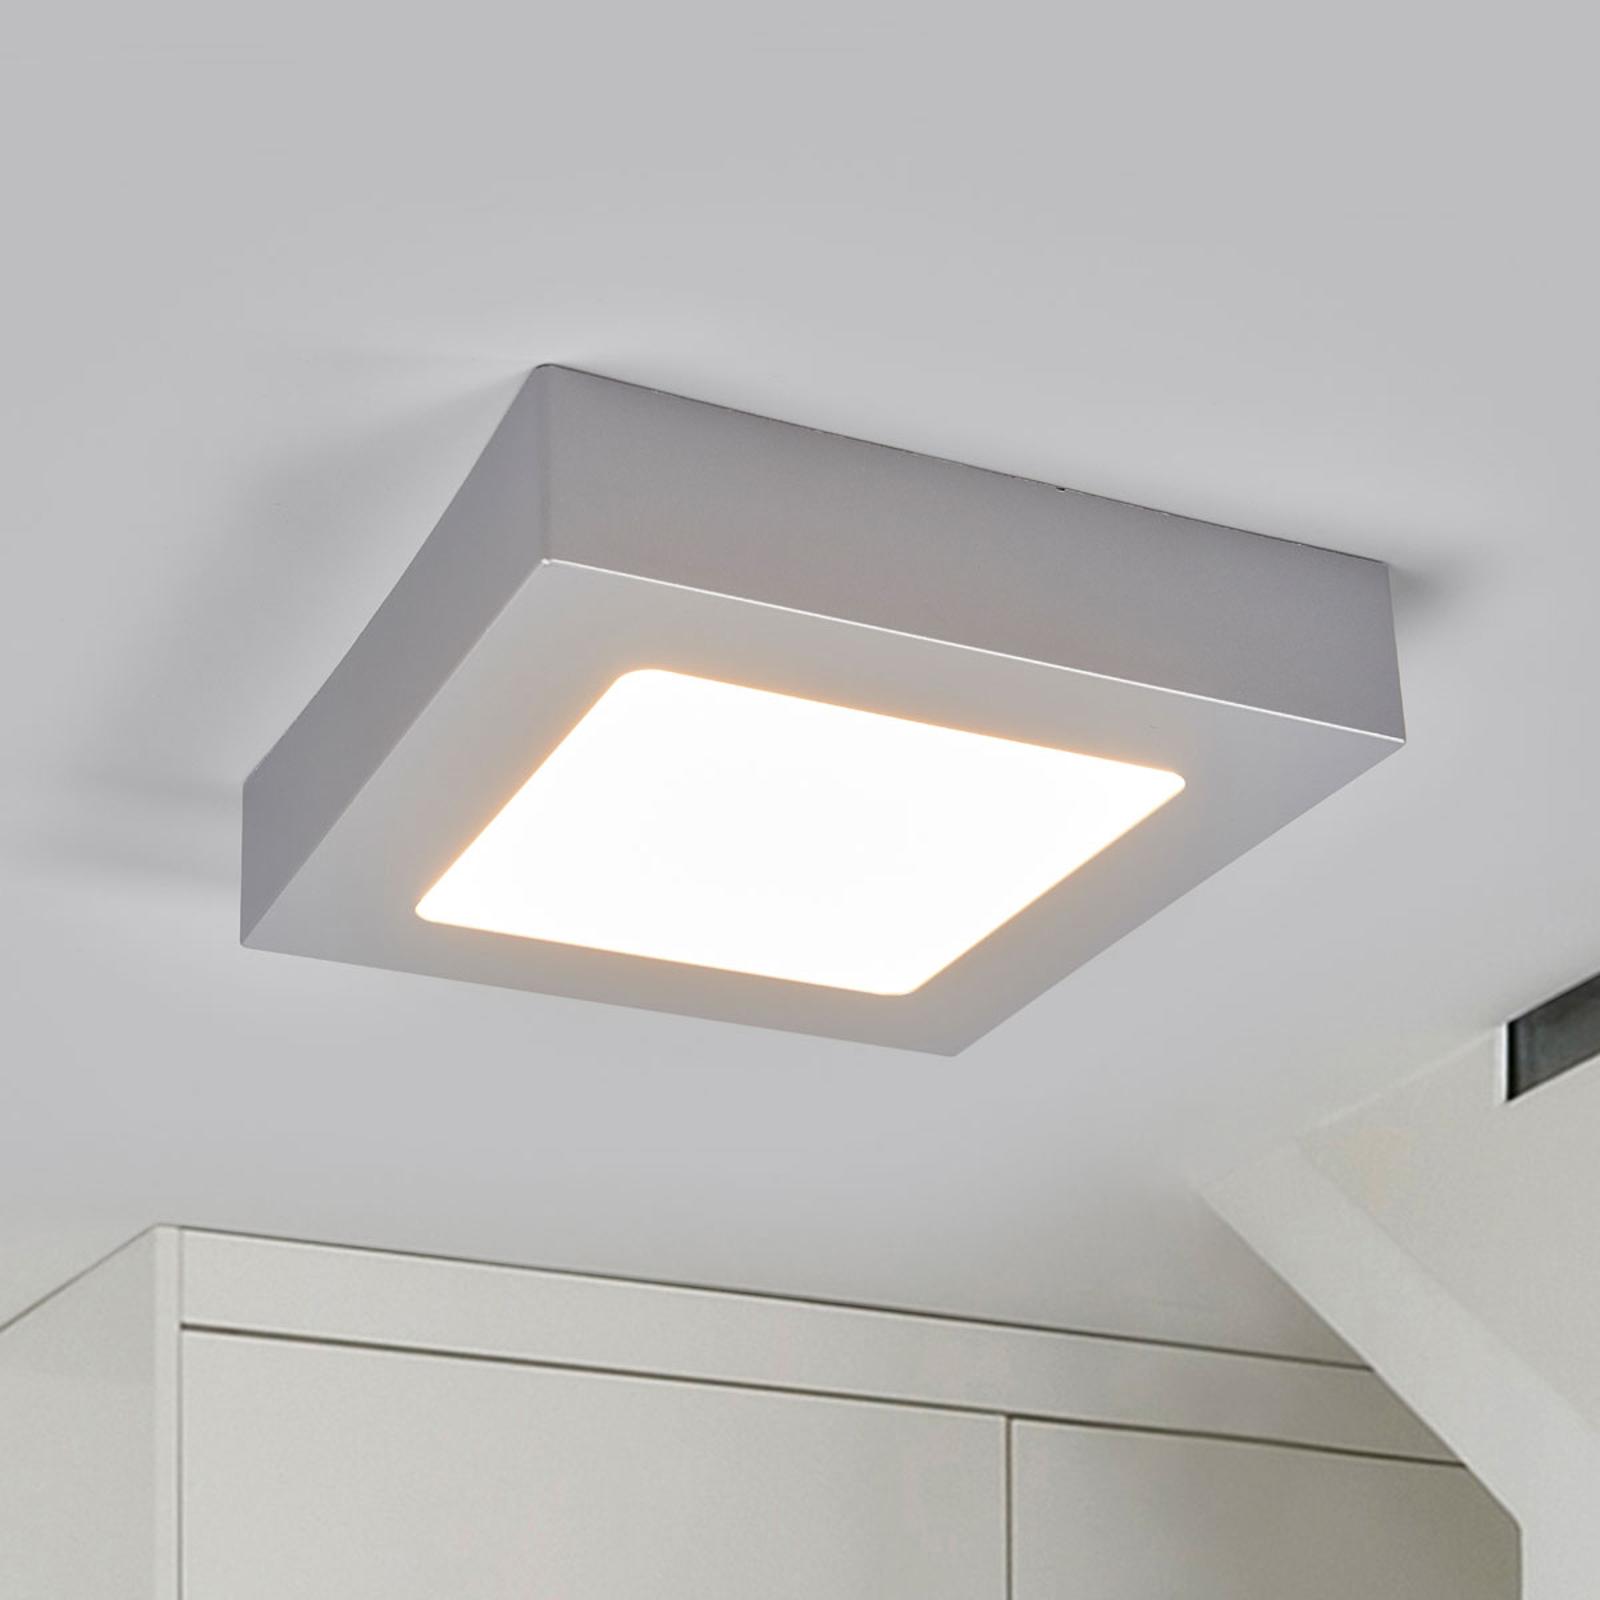 LED plafondlamp Marlo zilver 3000K hoekig 18,1cm